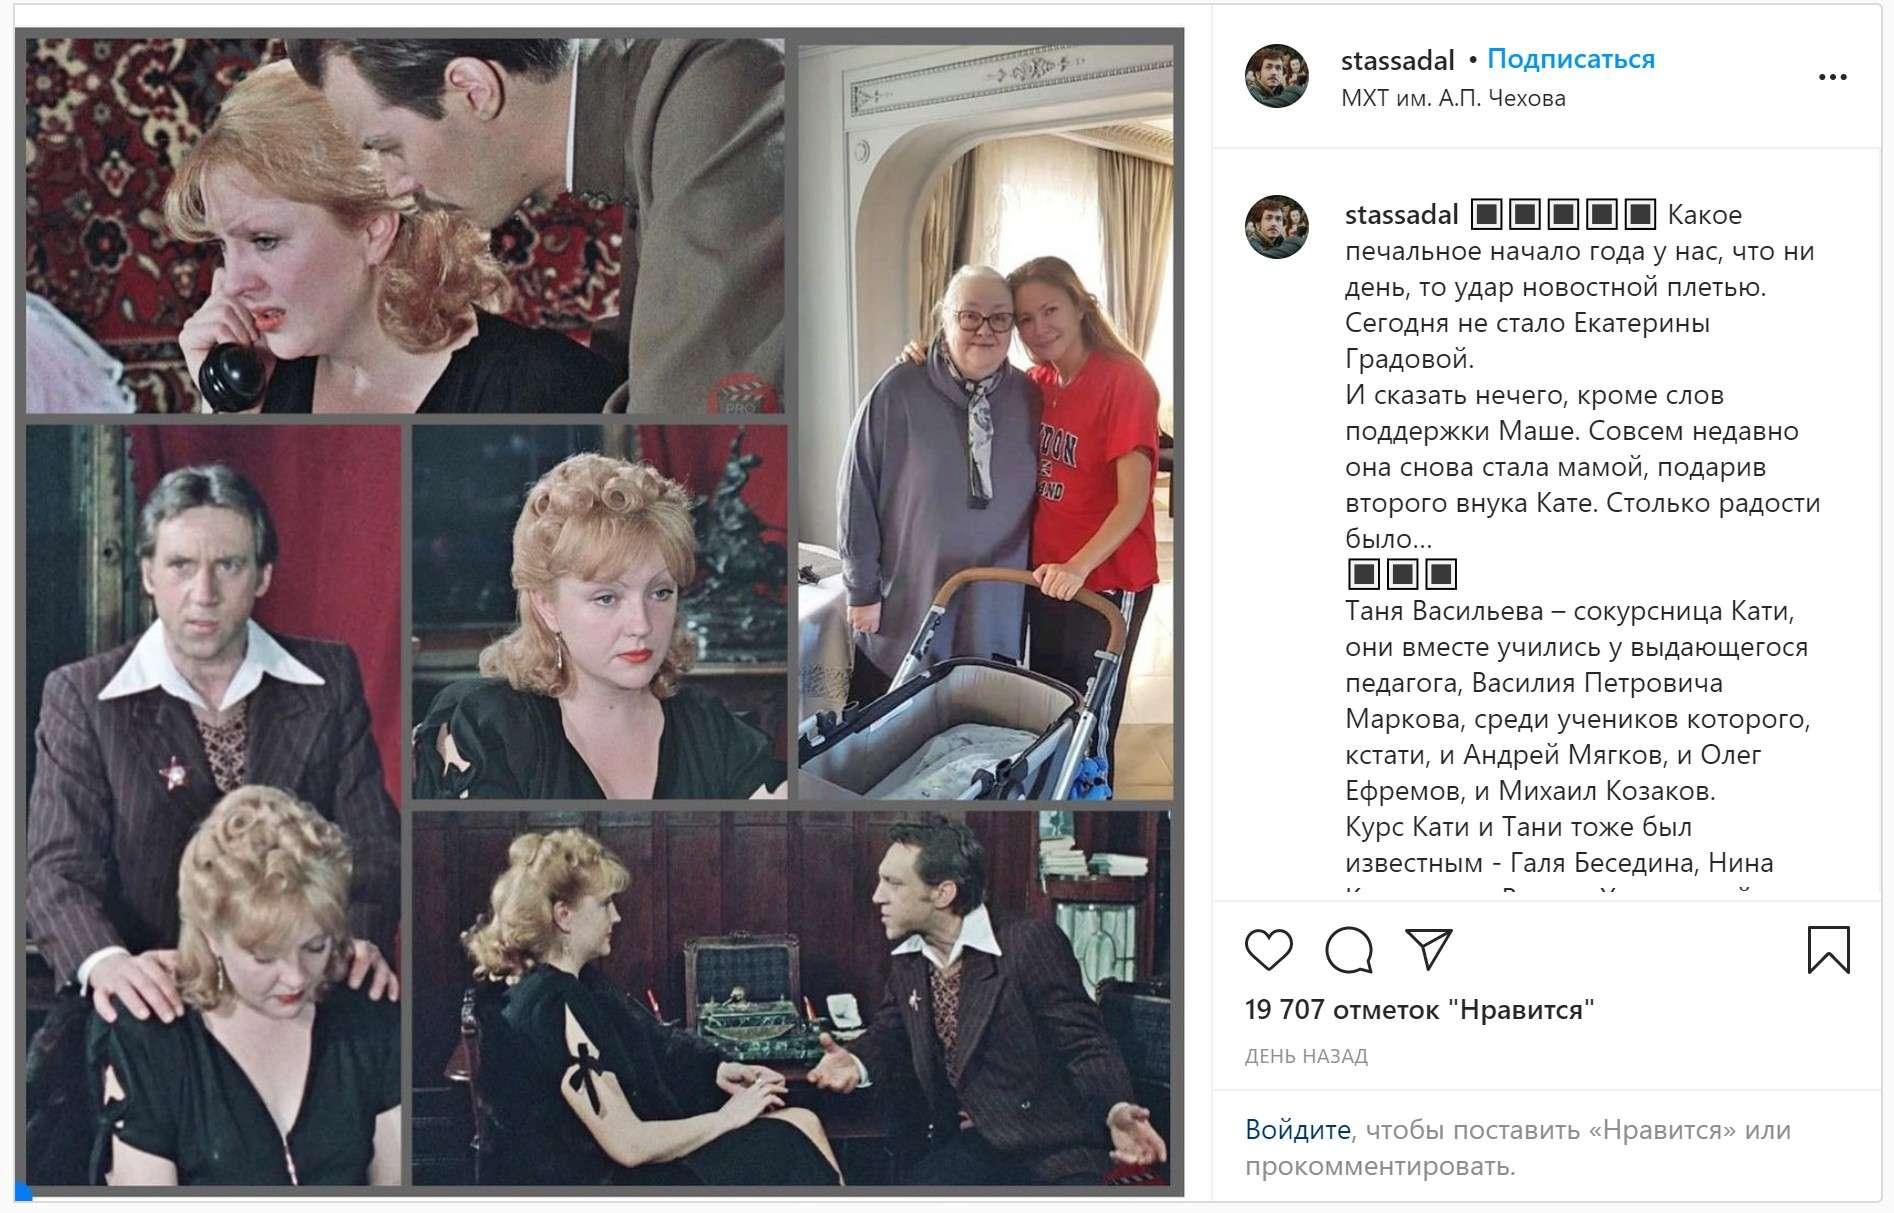 Причины смерти Екатерины Градовой выяснили журналисты